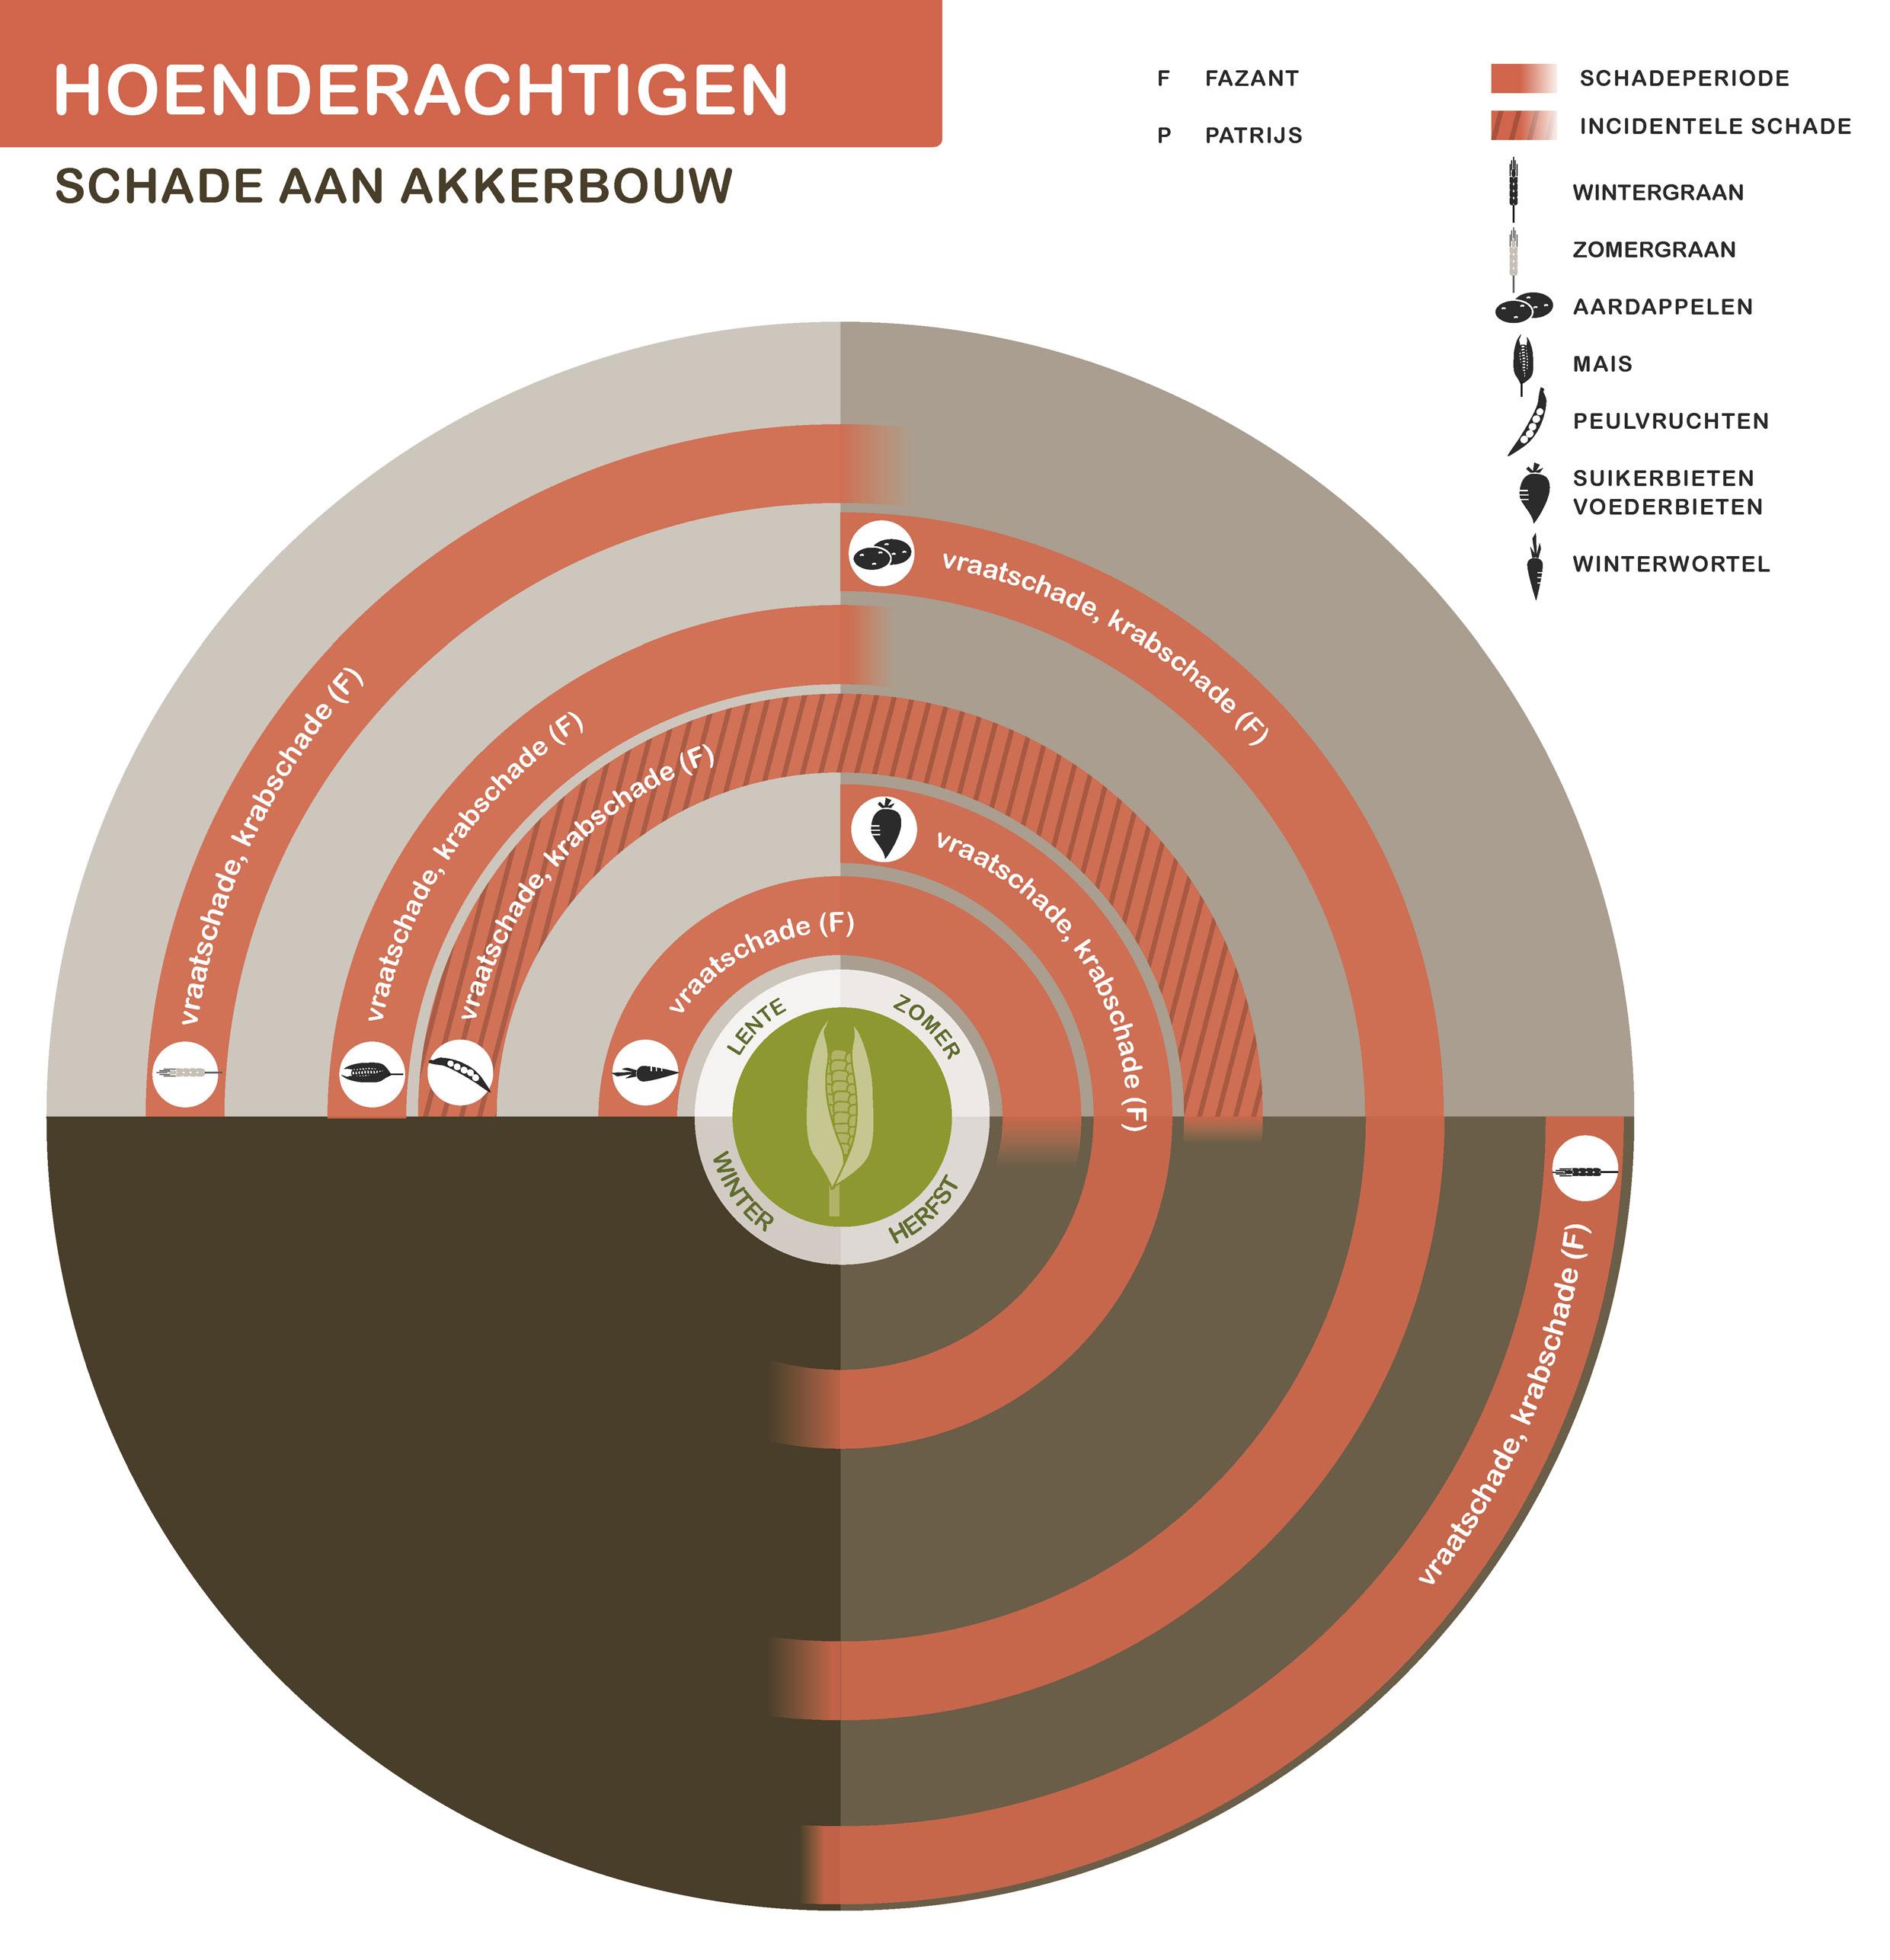 FPK-infogr-hoenderachtigen-akkerbouw-1